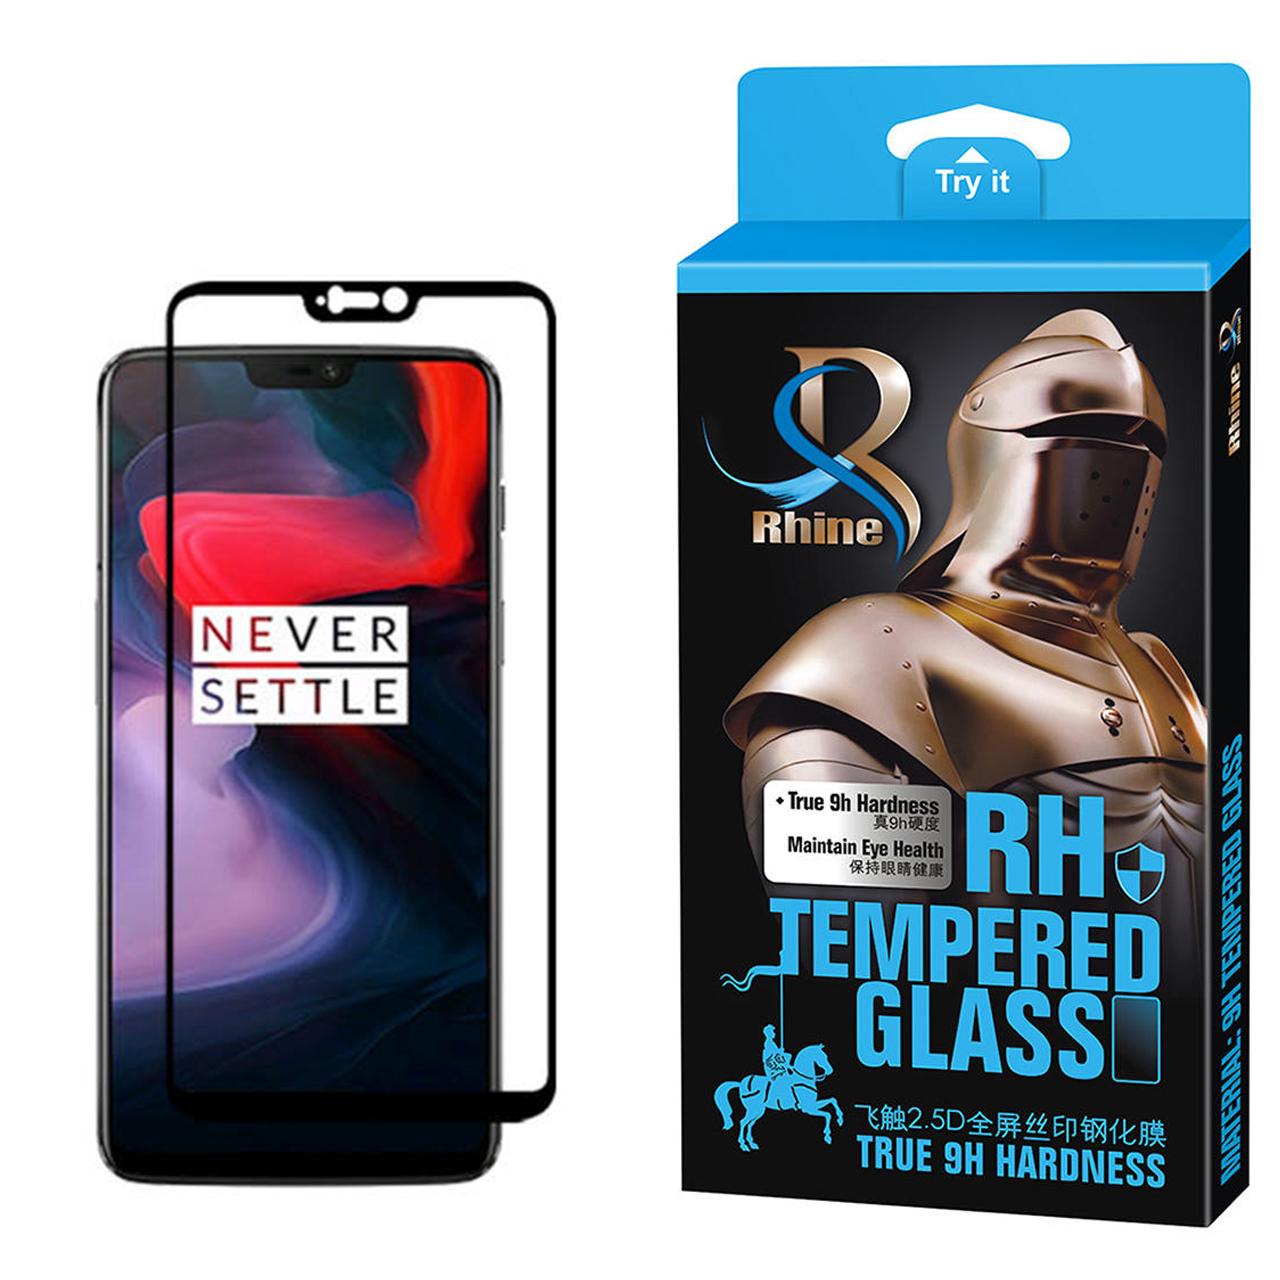 خرید                     محافظ صفحه نمایش راین مدل R_9 مناسب برای گوشی موبایل وان پلاس 6